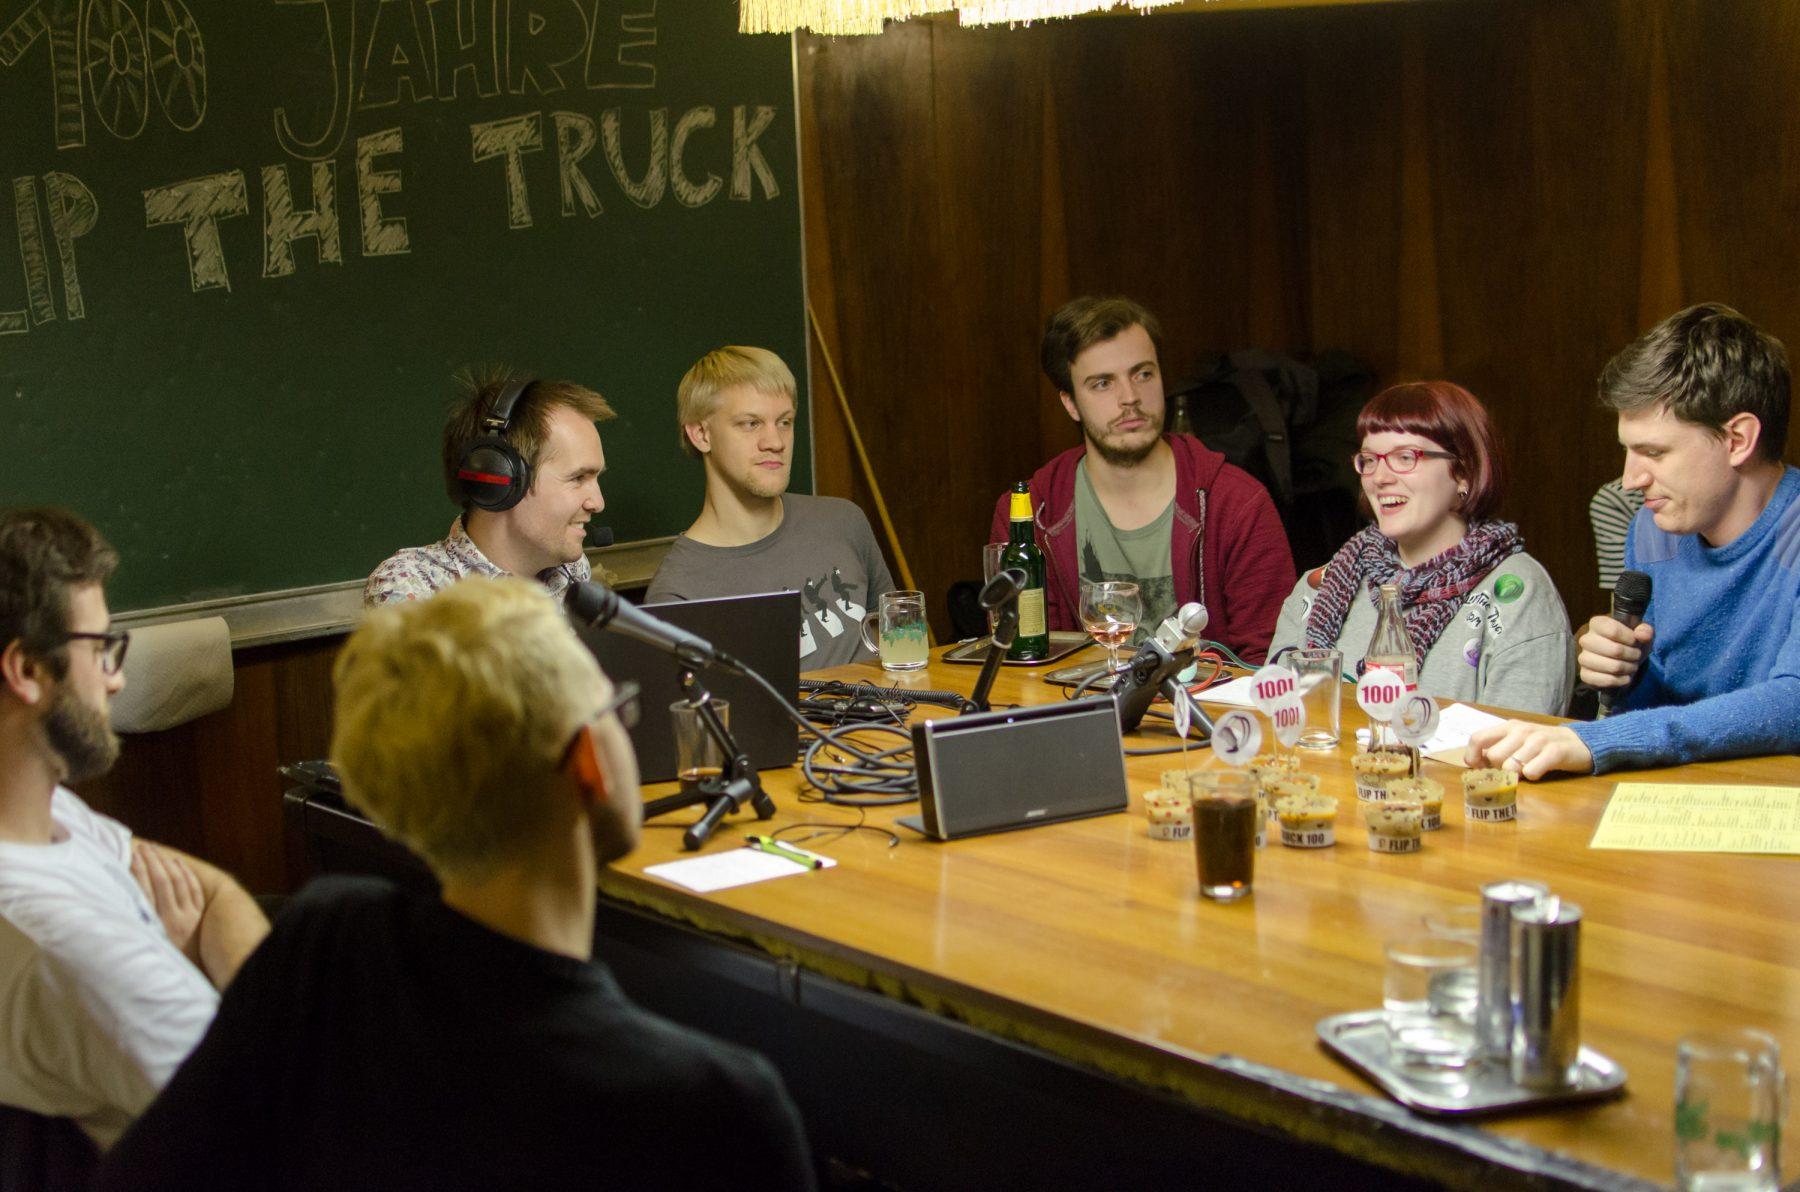 Flip the Truck | 100 Jahre | Der österreichische Film-Podcast